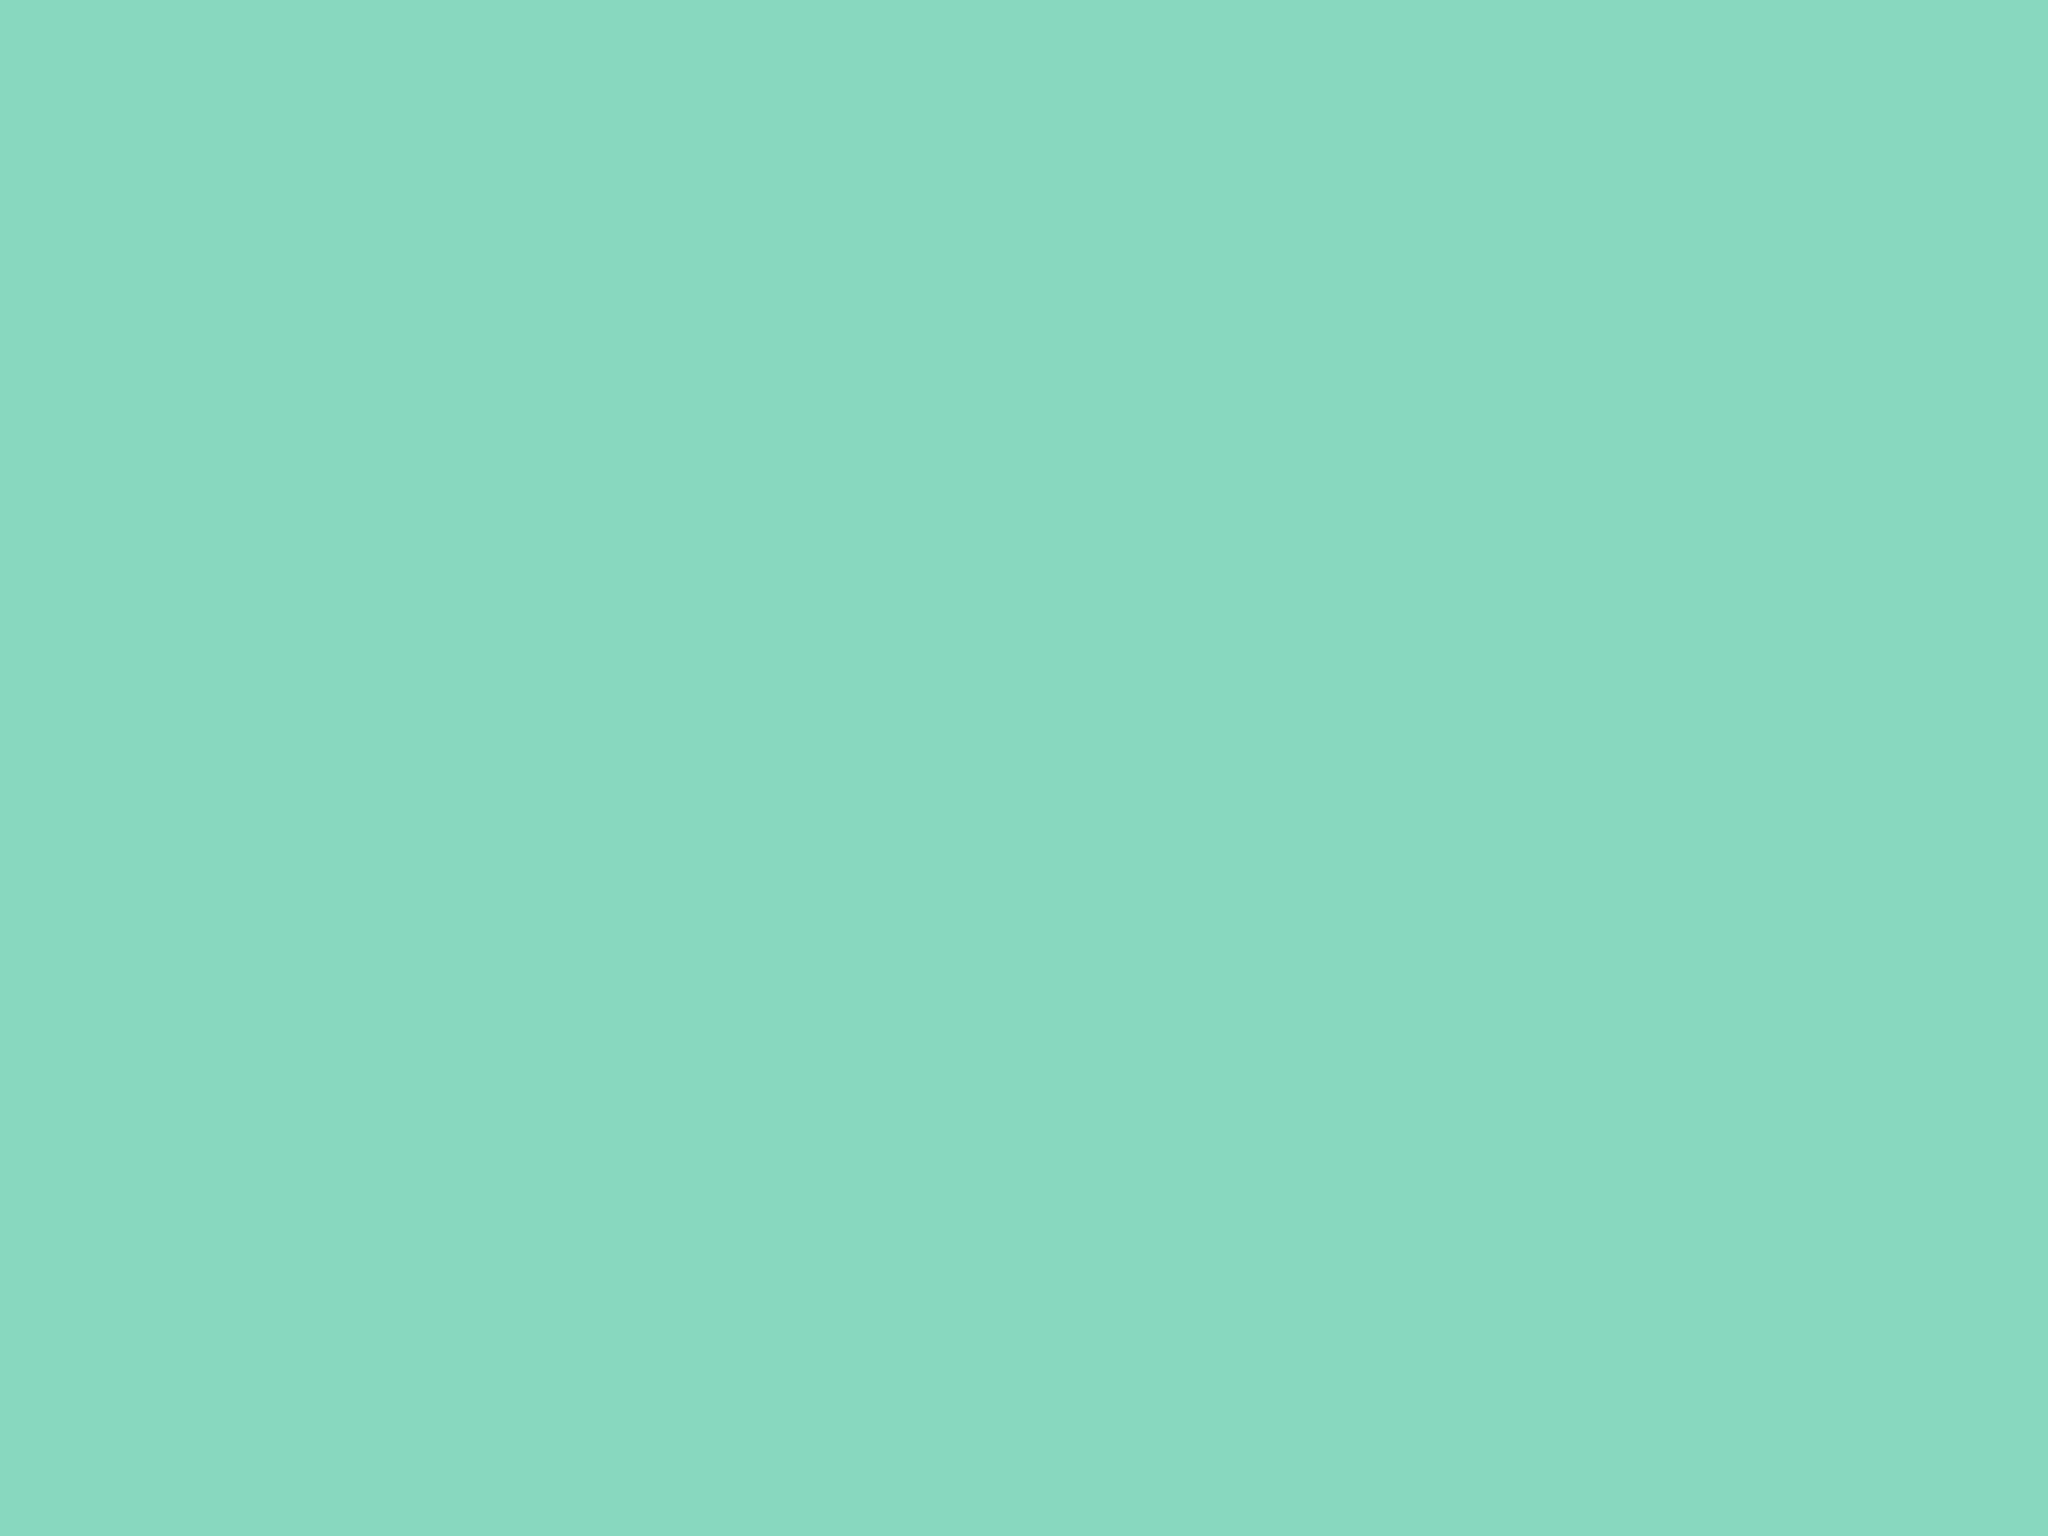 2048x1536 Pearl Aqua Solid Color Background